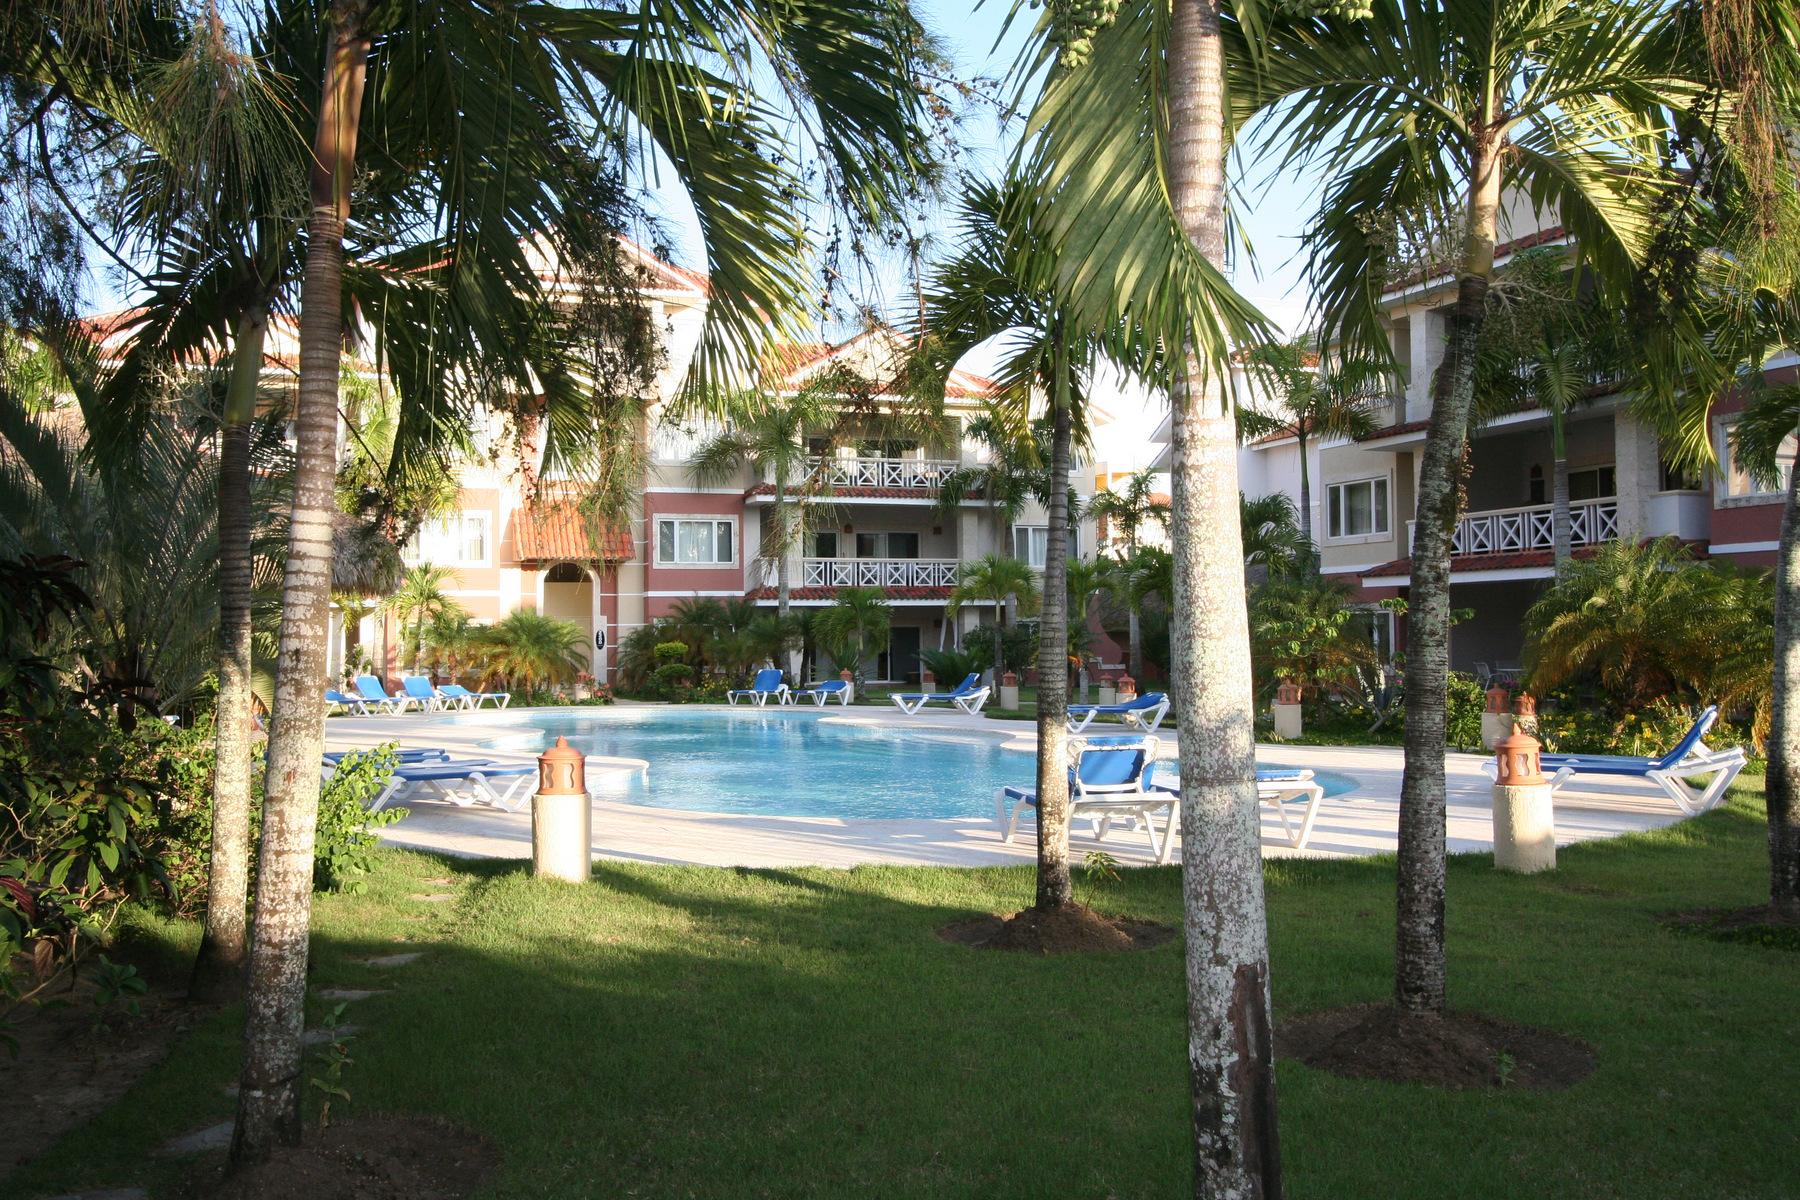 콘도미니엄 용 매매 에 Ocean One Condominiums 2112 2112 Ocean One Condominiums, Cabarete, Puerto Plata, 57000 도미니카 공화국